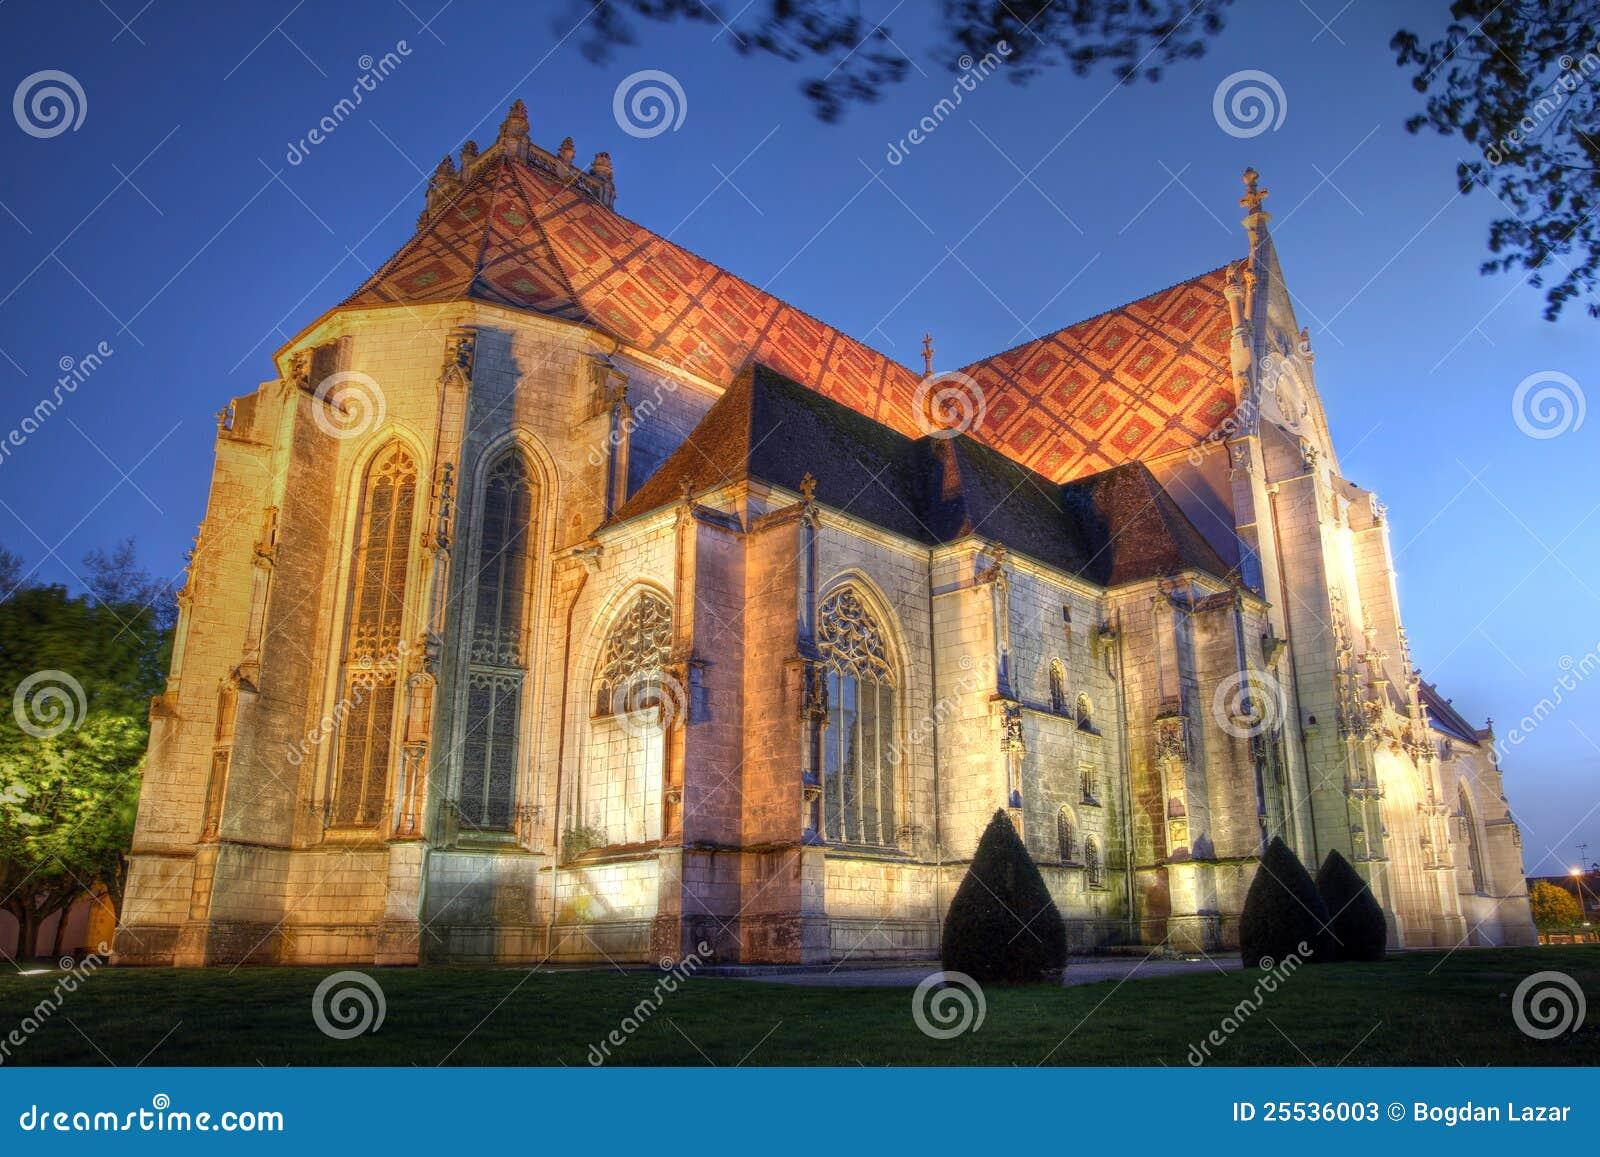 Glise de monast re de brou france photos stock image 25536003 - Piscine municipale bourg royal toulon ...